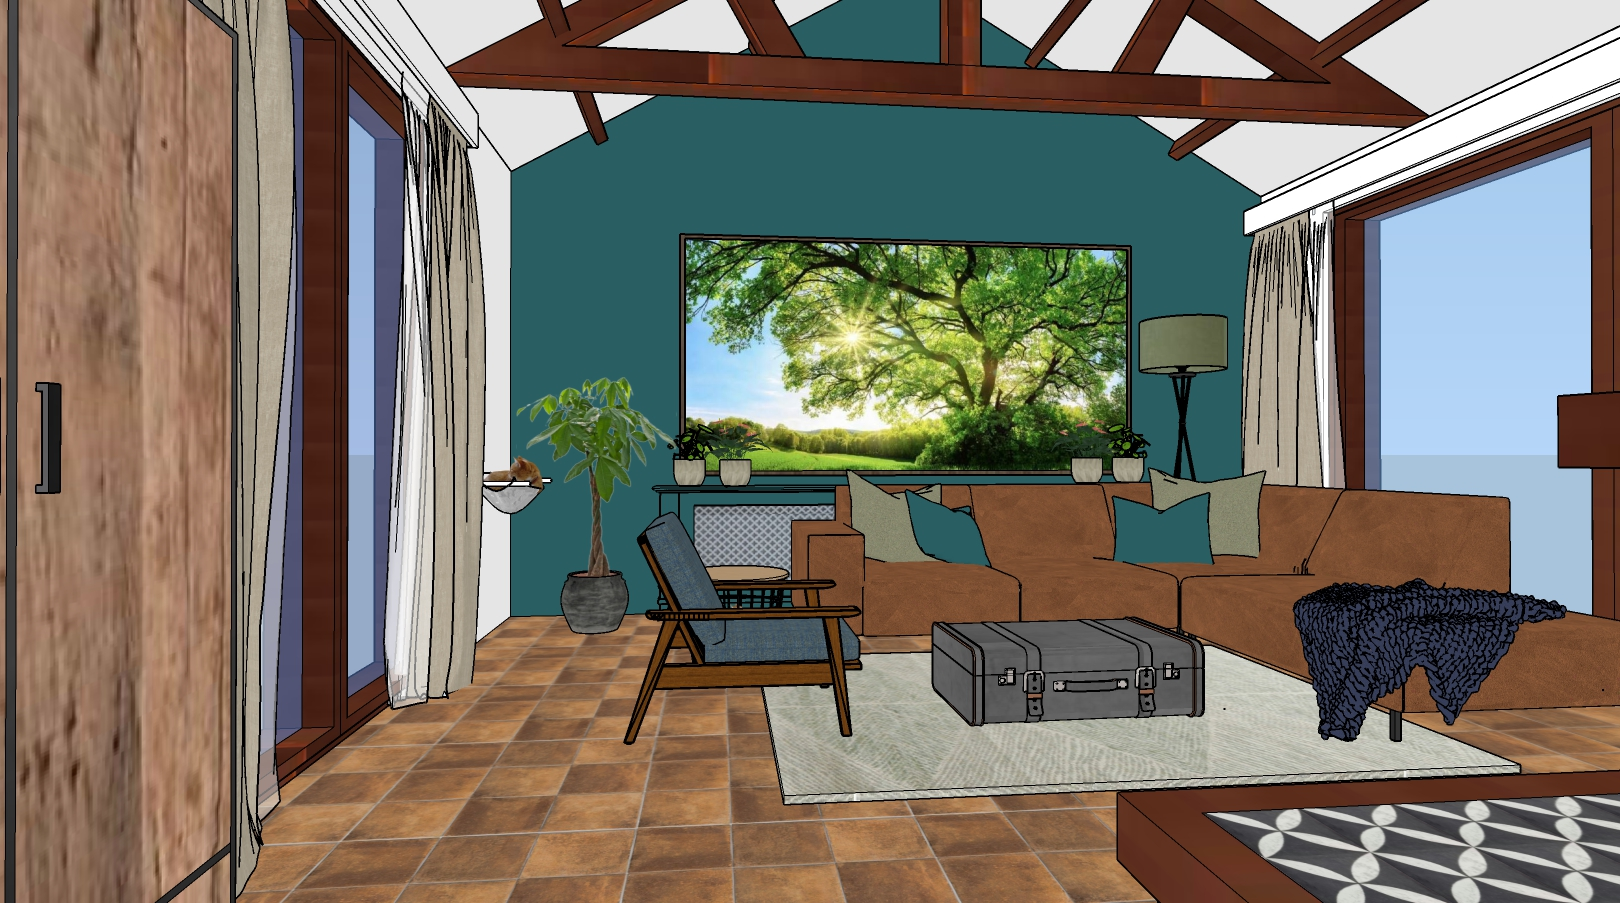 3D ontwerp zithoek woonkamer woonboerderij